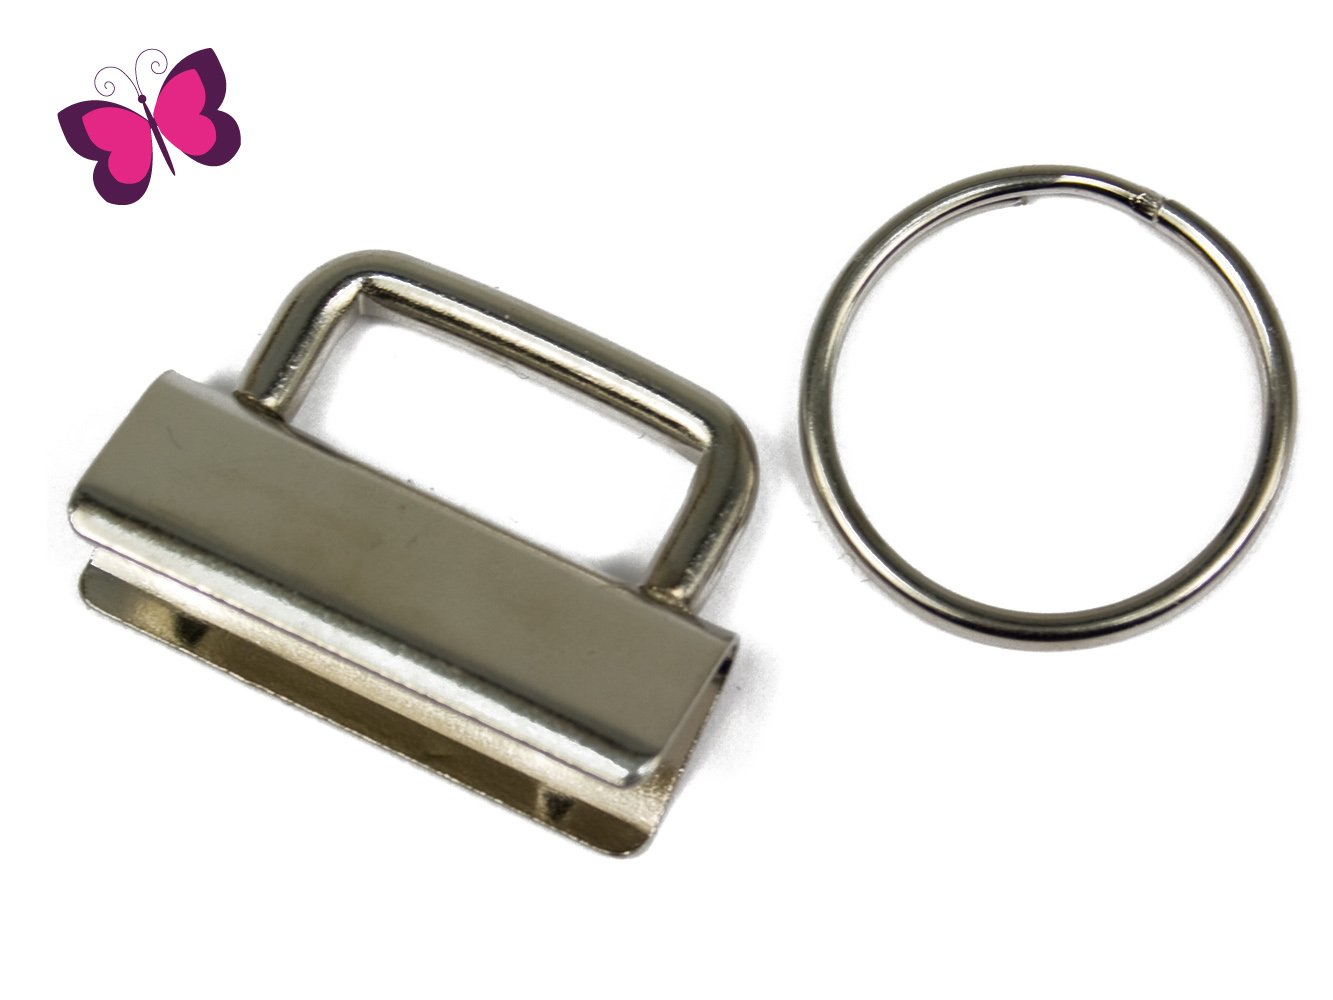 schl sselband rohlinge 2 5 cm inkl schl sselring. Black Bedroom Furniture Sets. Home Design Ideas